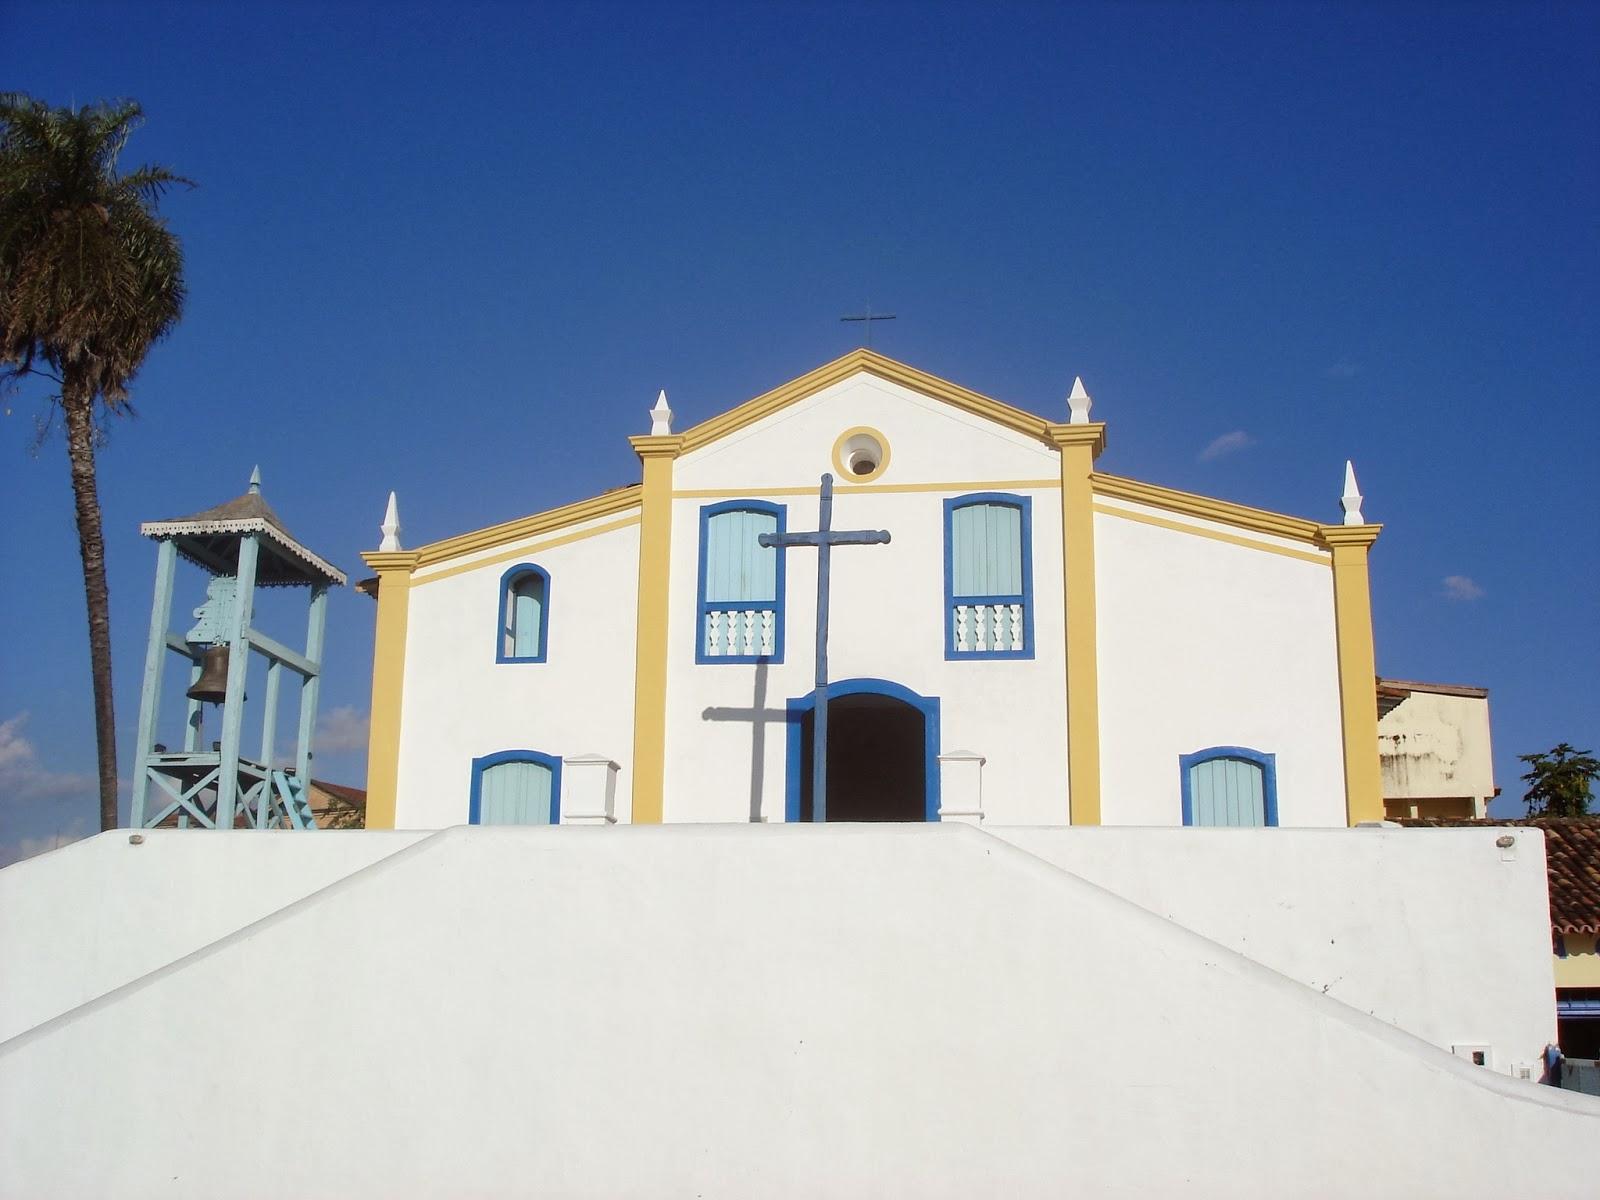 Casa abalcoada constru es religiosas em vila boa de goy z i for Fachada tradicional